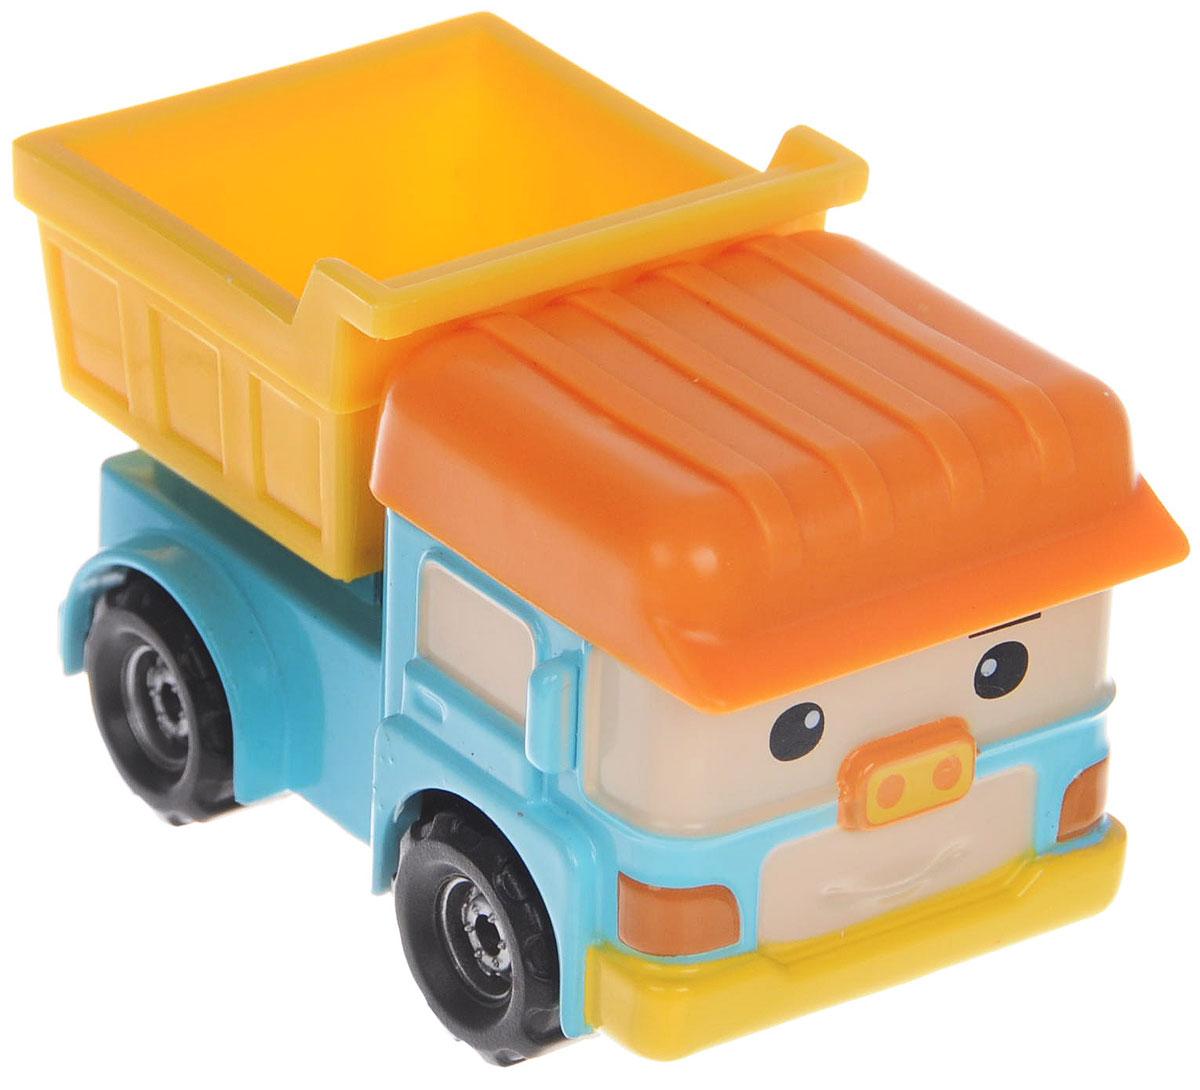 """Яркая игрушка Poli """"Самосвал Дампо"""" непременно понравится вашему малышу. Она выполнена из металла с элементами пластика в виде самосвала Дампо - персонажа популярного мультсериала """"Robocar Poli"""". Дампо оснащен откидывающимся кузовом и колесиками со свободным ходом, позволяющими катать машинку. Благодаря небольшому размеру ребенок сможет взять игрушку с собой на прогулку, в поездку или в гости. Порадуйте своего малыша таким замечательным подарком!"""